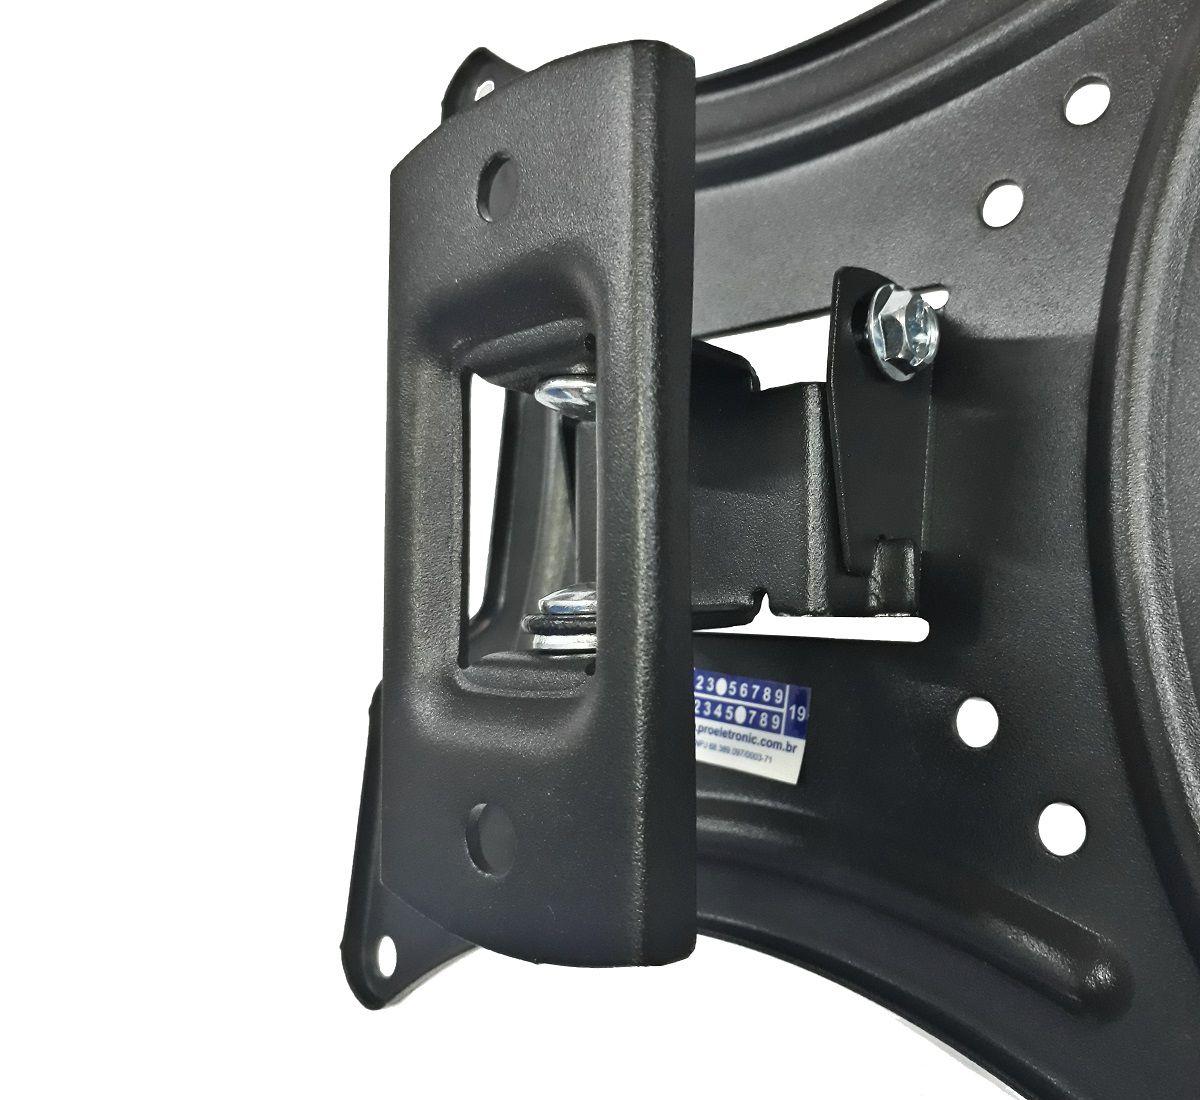 Suporte Articulado Para TV LED, LCD e Plasma de 13 a 55 Polegadas 2 Níveis de Movimento Vesa Max 400x400 PQST-AT55/01